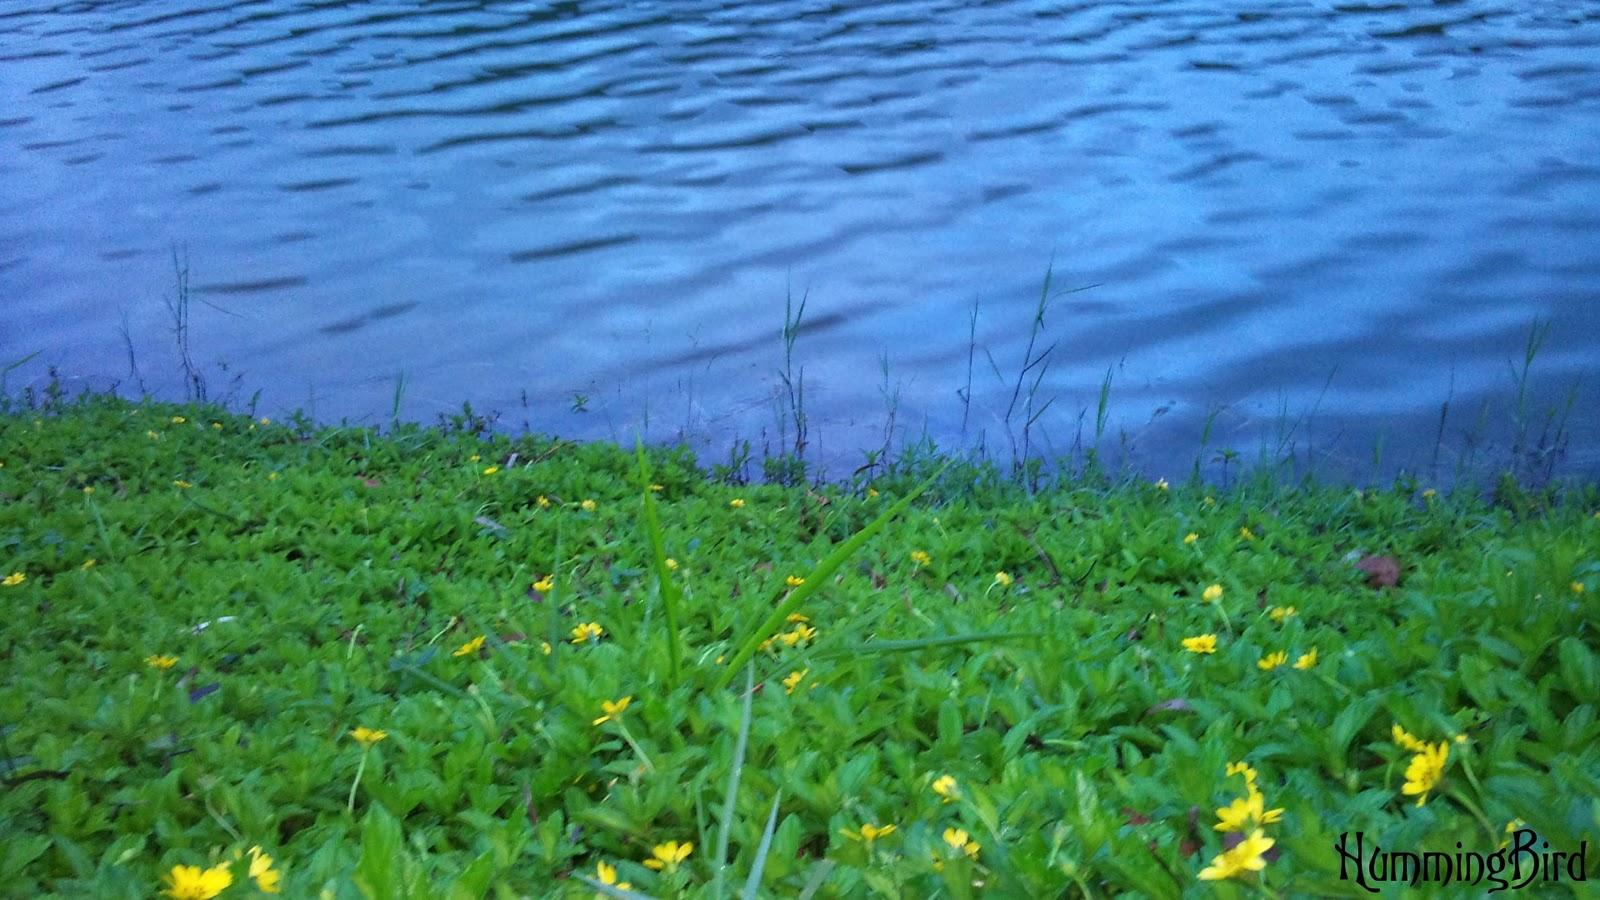 Matale Sri Lanka  city images : Sembuwatta Lake,Matale,Sri Lanka | Beautiful Sri Lanka